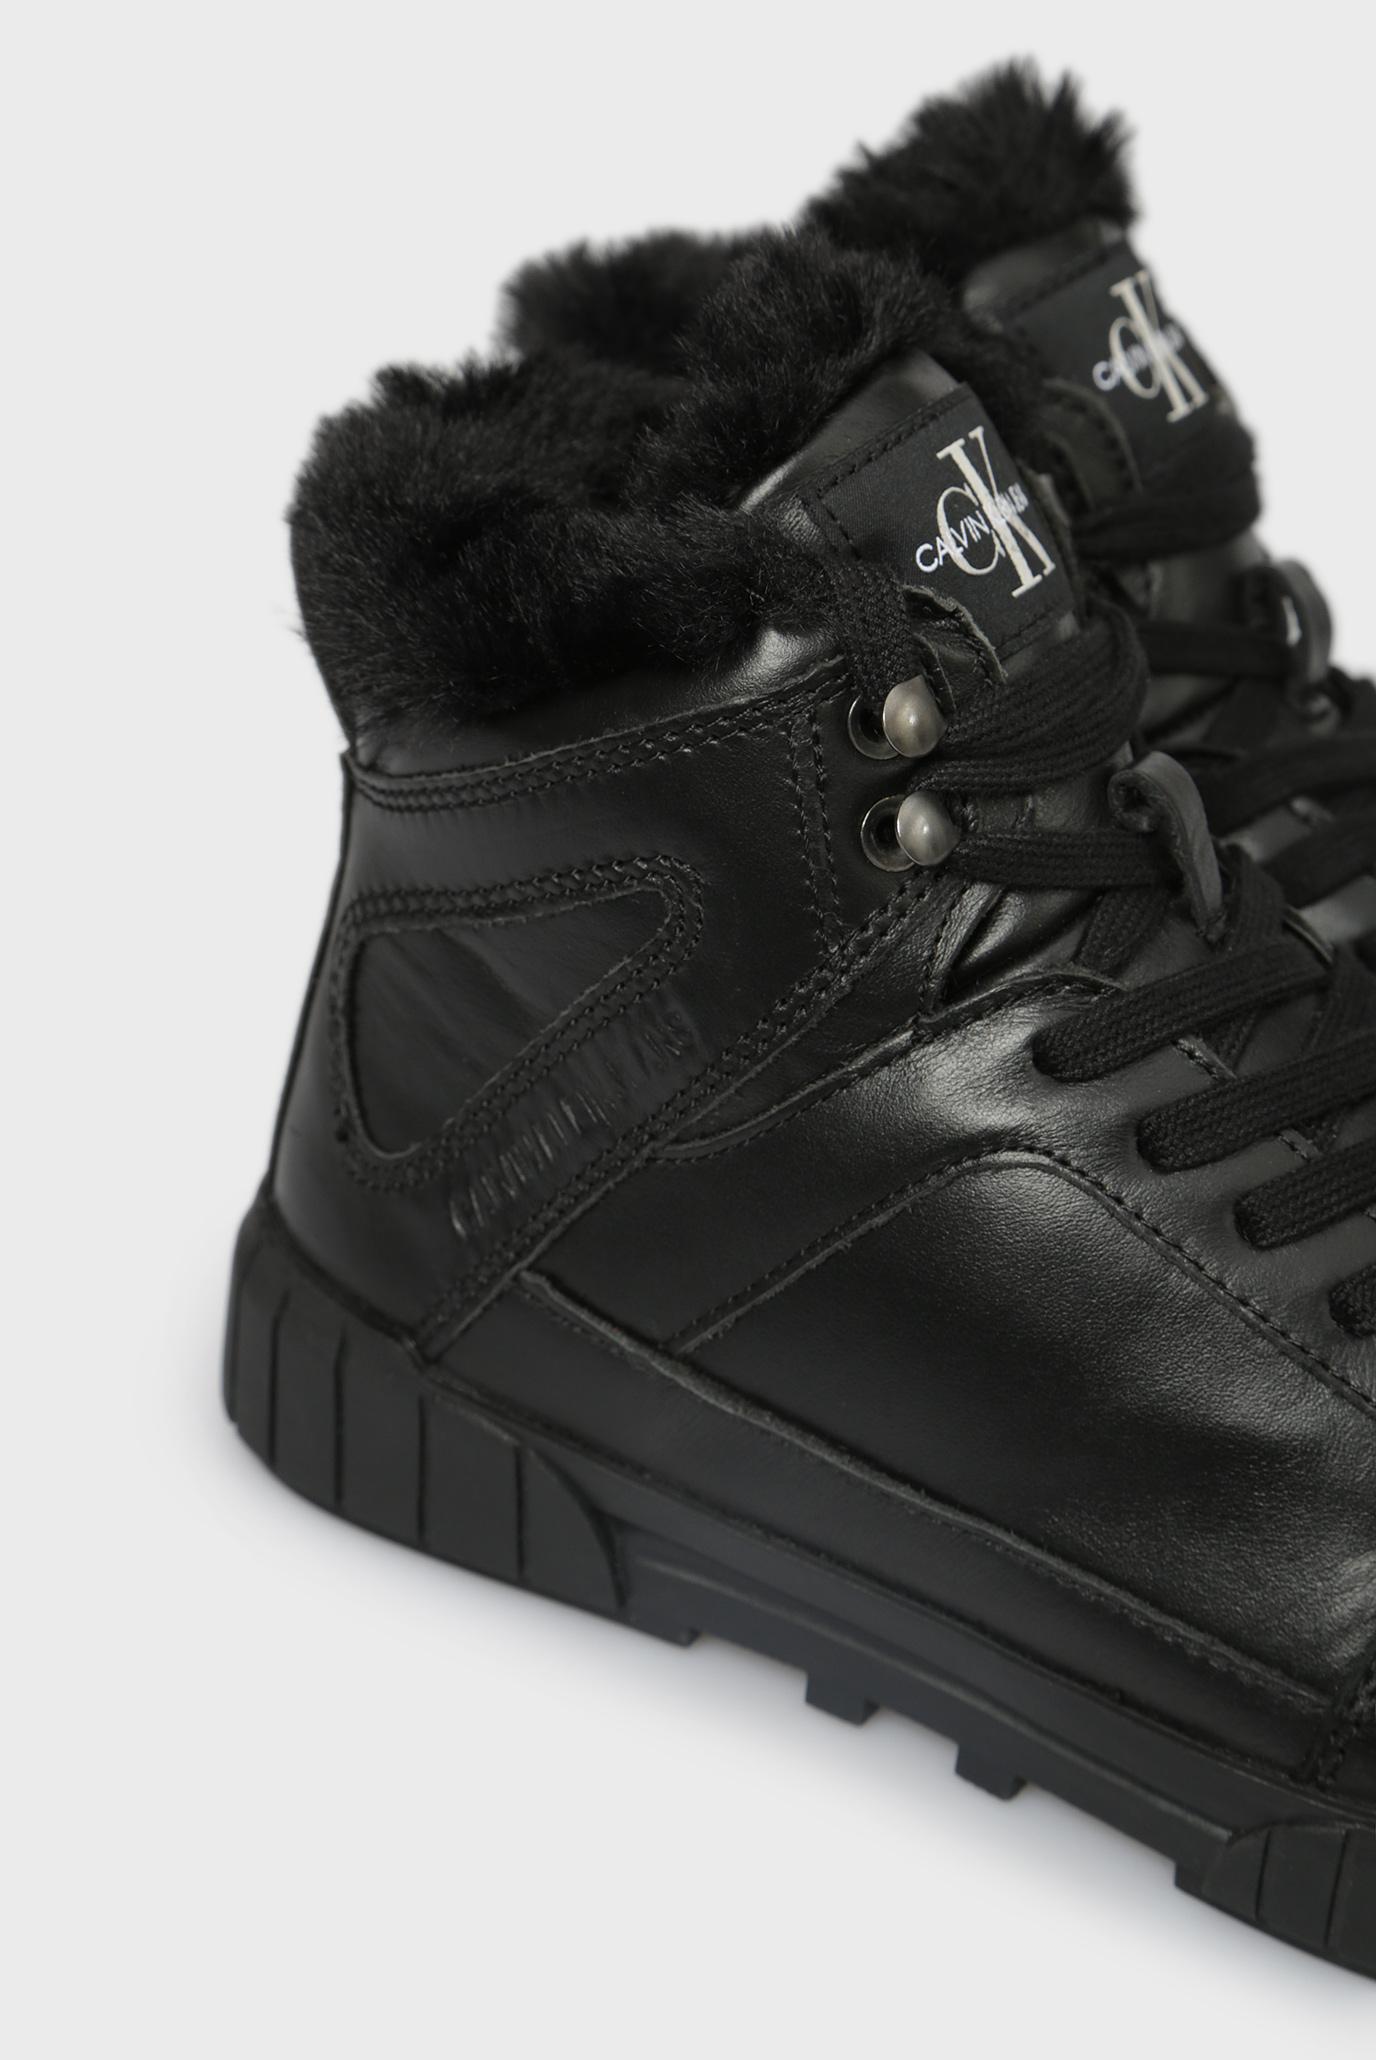 Купить Женские черные кожаные хайтопы BOLLA Calvin Klein Calvin Klein RE9812 – Киев, Украина. Цены в интернет магазине MD Fashion